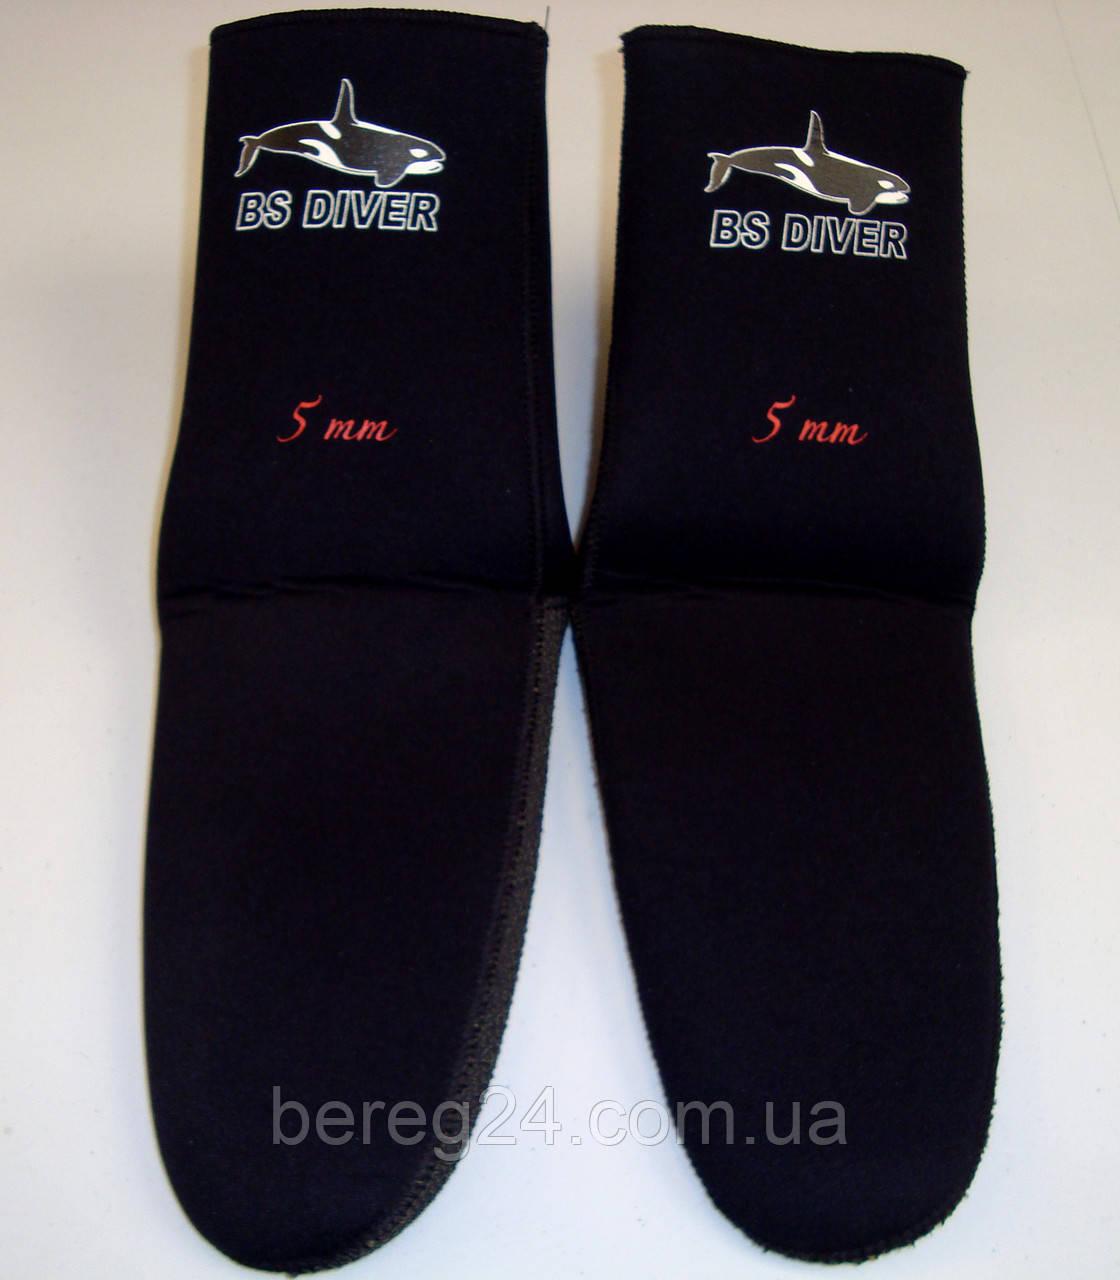 Носки для дайвинга и подводной охоты под боты BS Diver Professional Kevlar Черные 5 мм, размер XL, кевлар